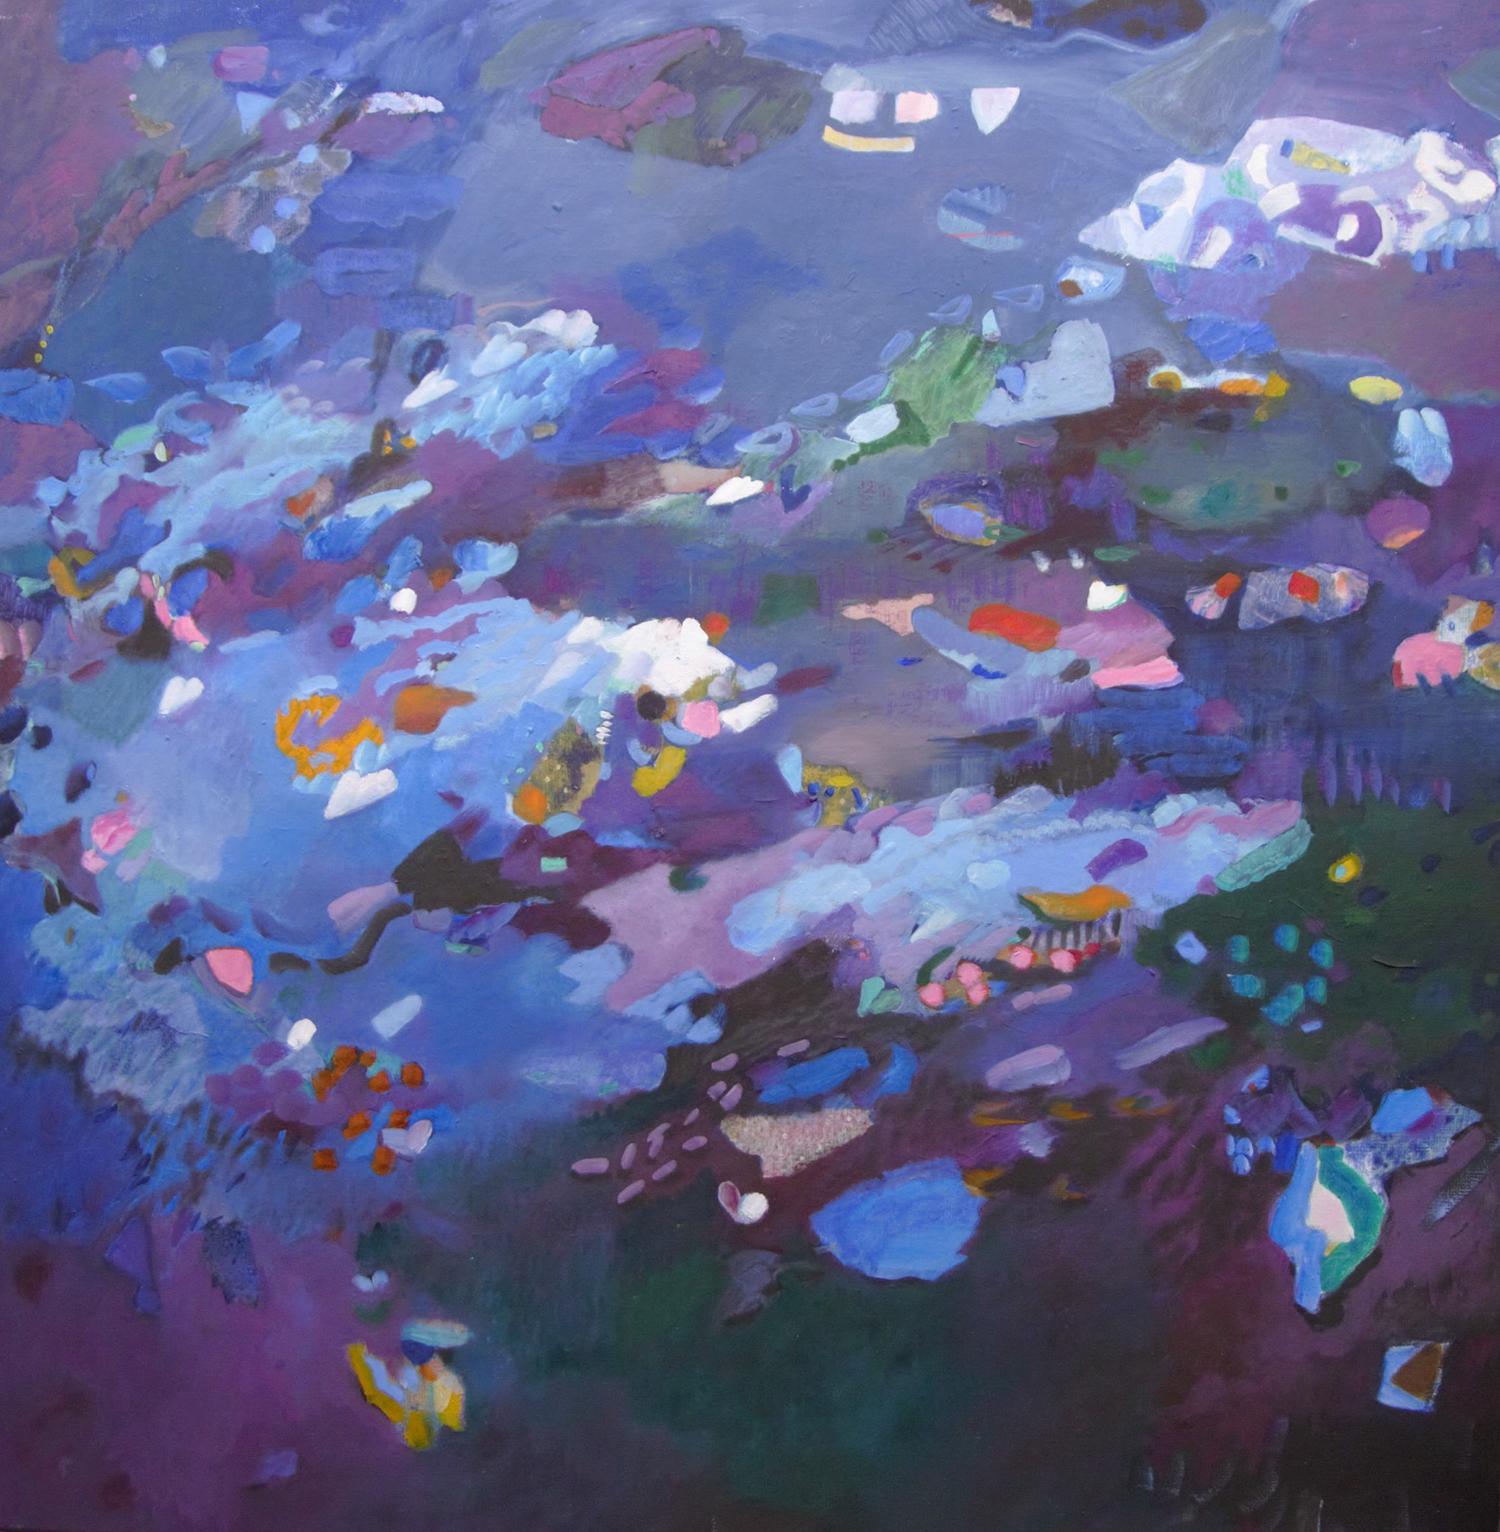 Schilderij in olieverf met de titel 'Schemer' door Ilse Brul